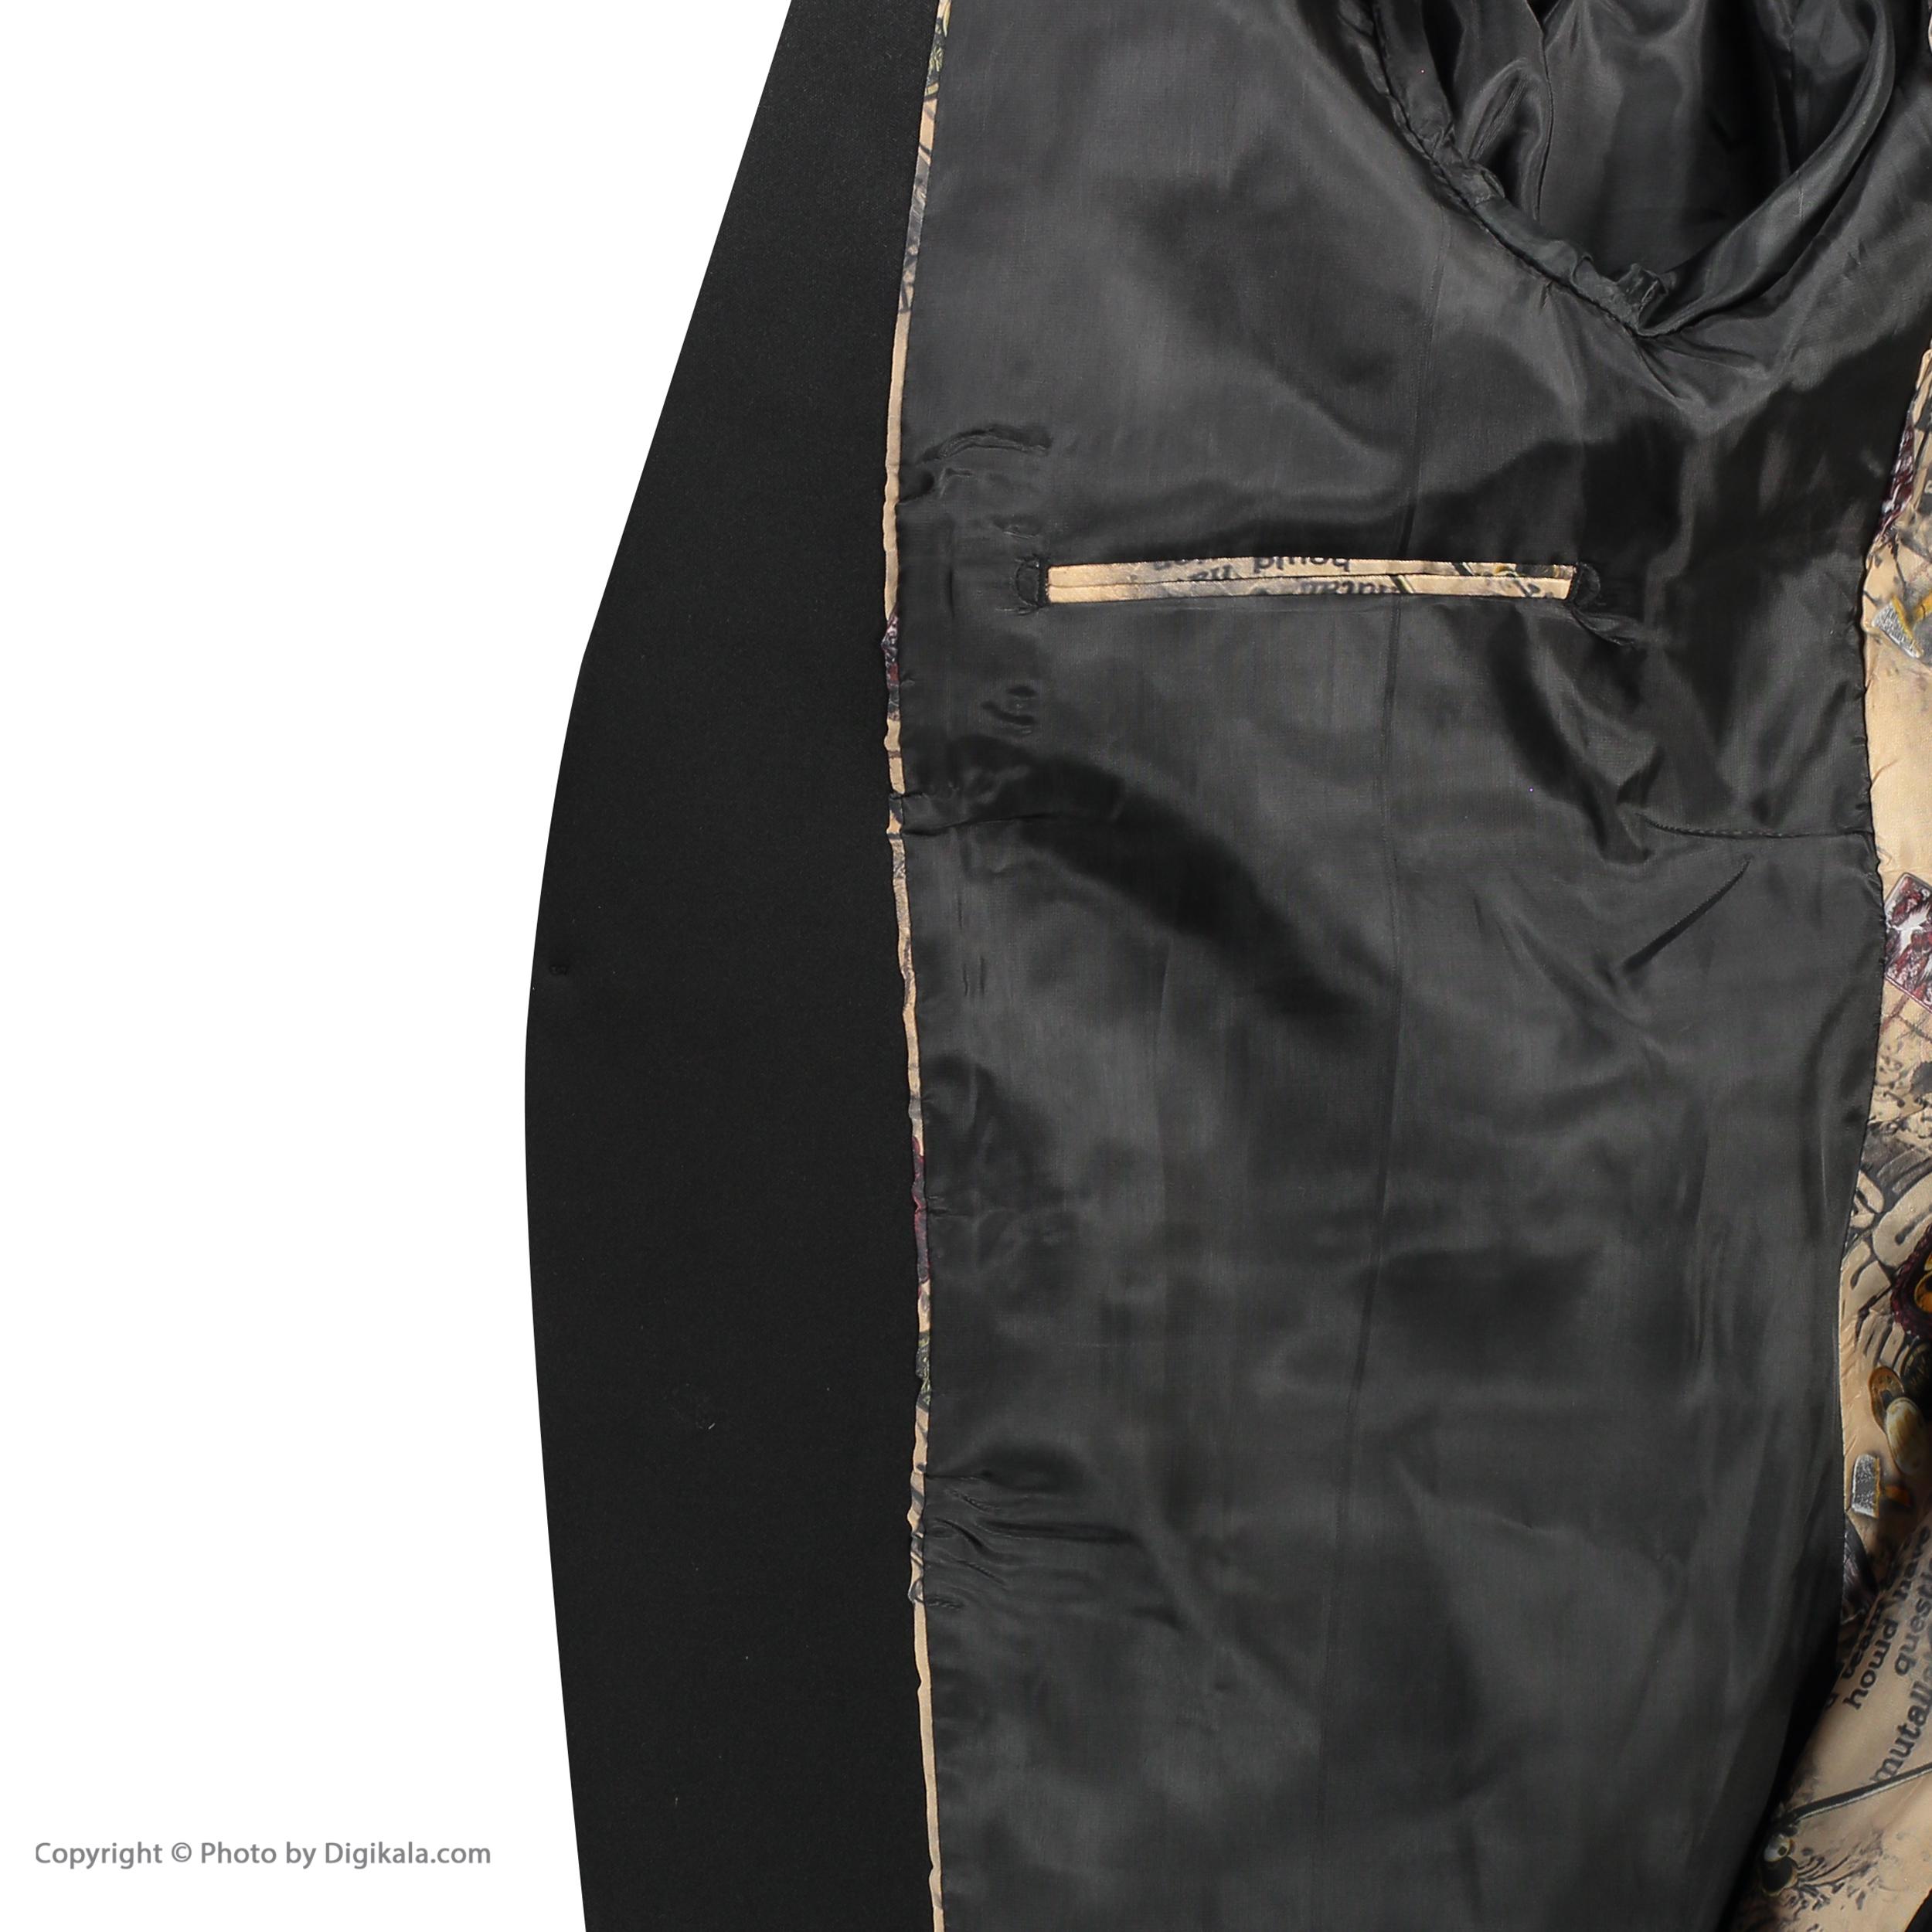 کت تک مردانه آلبرو کد 06